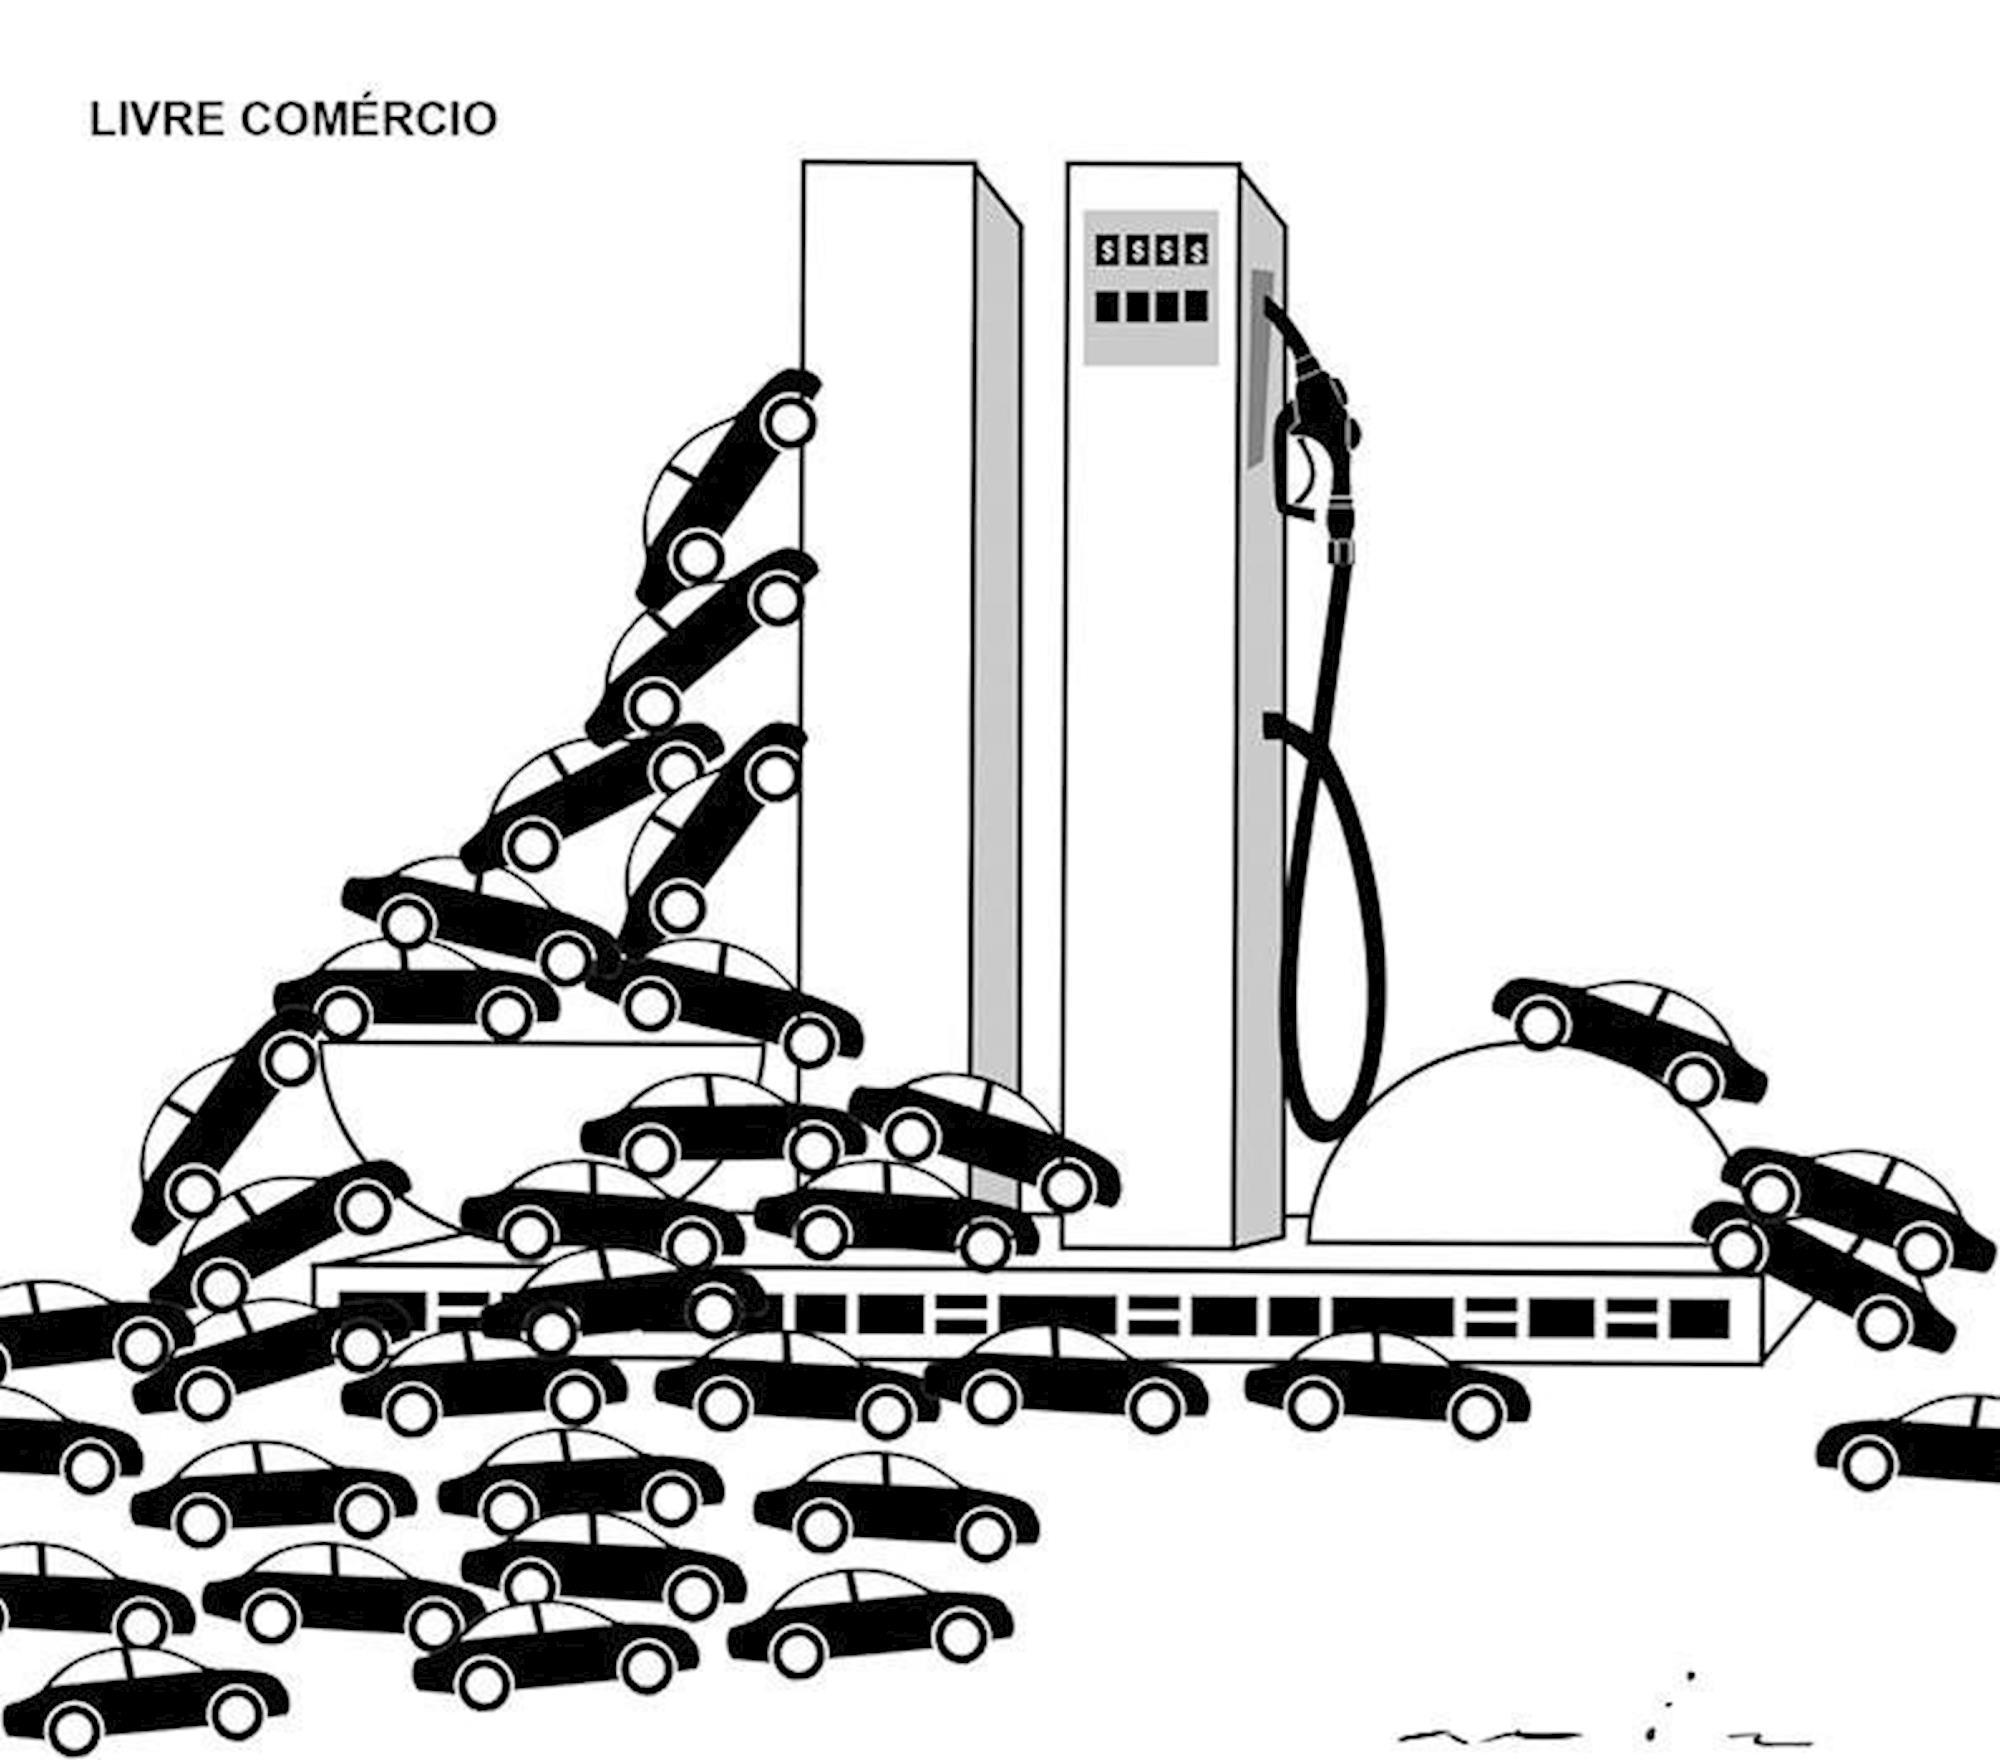 Livre, Comércio, gasolina, Ilustração